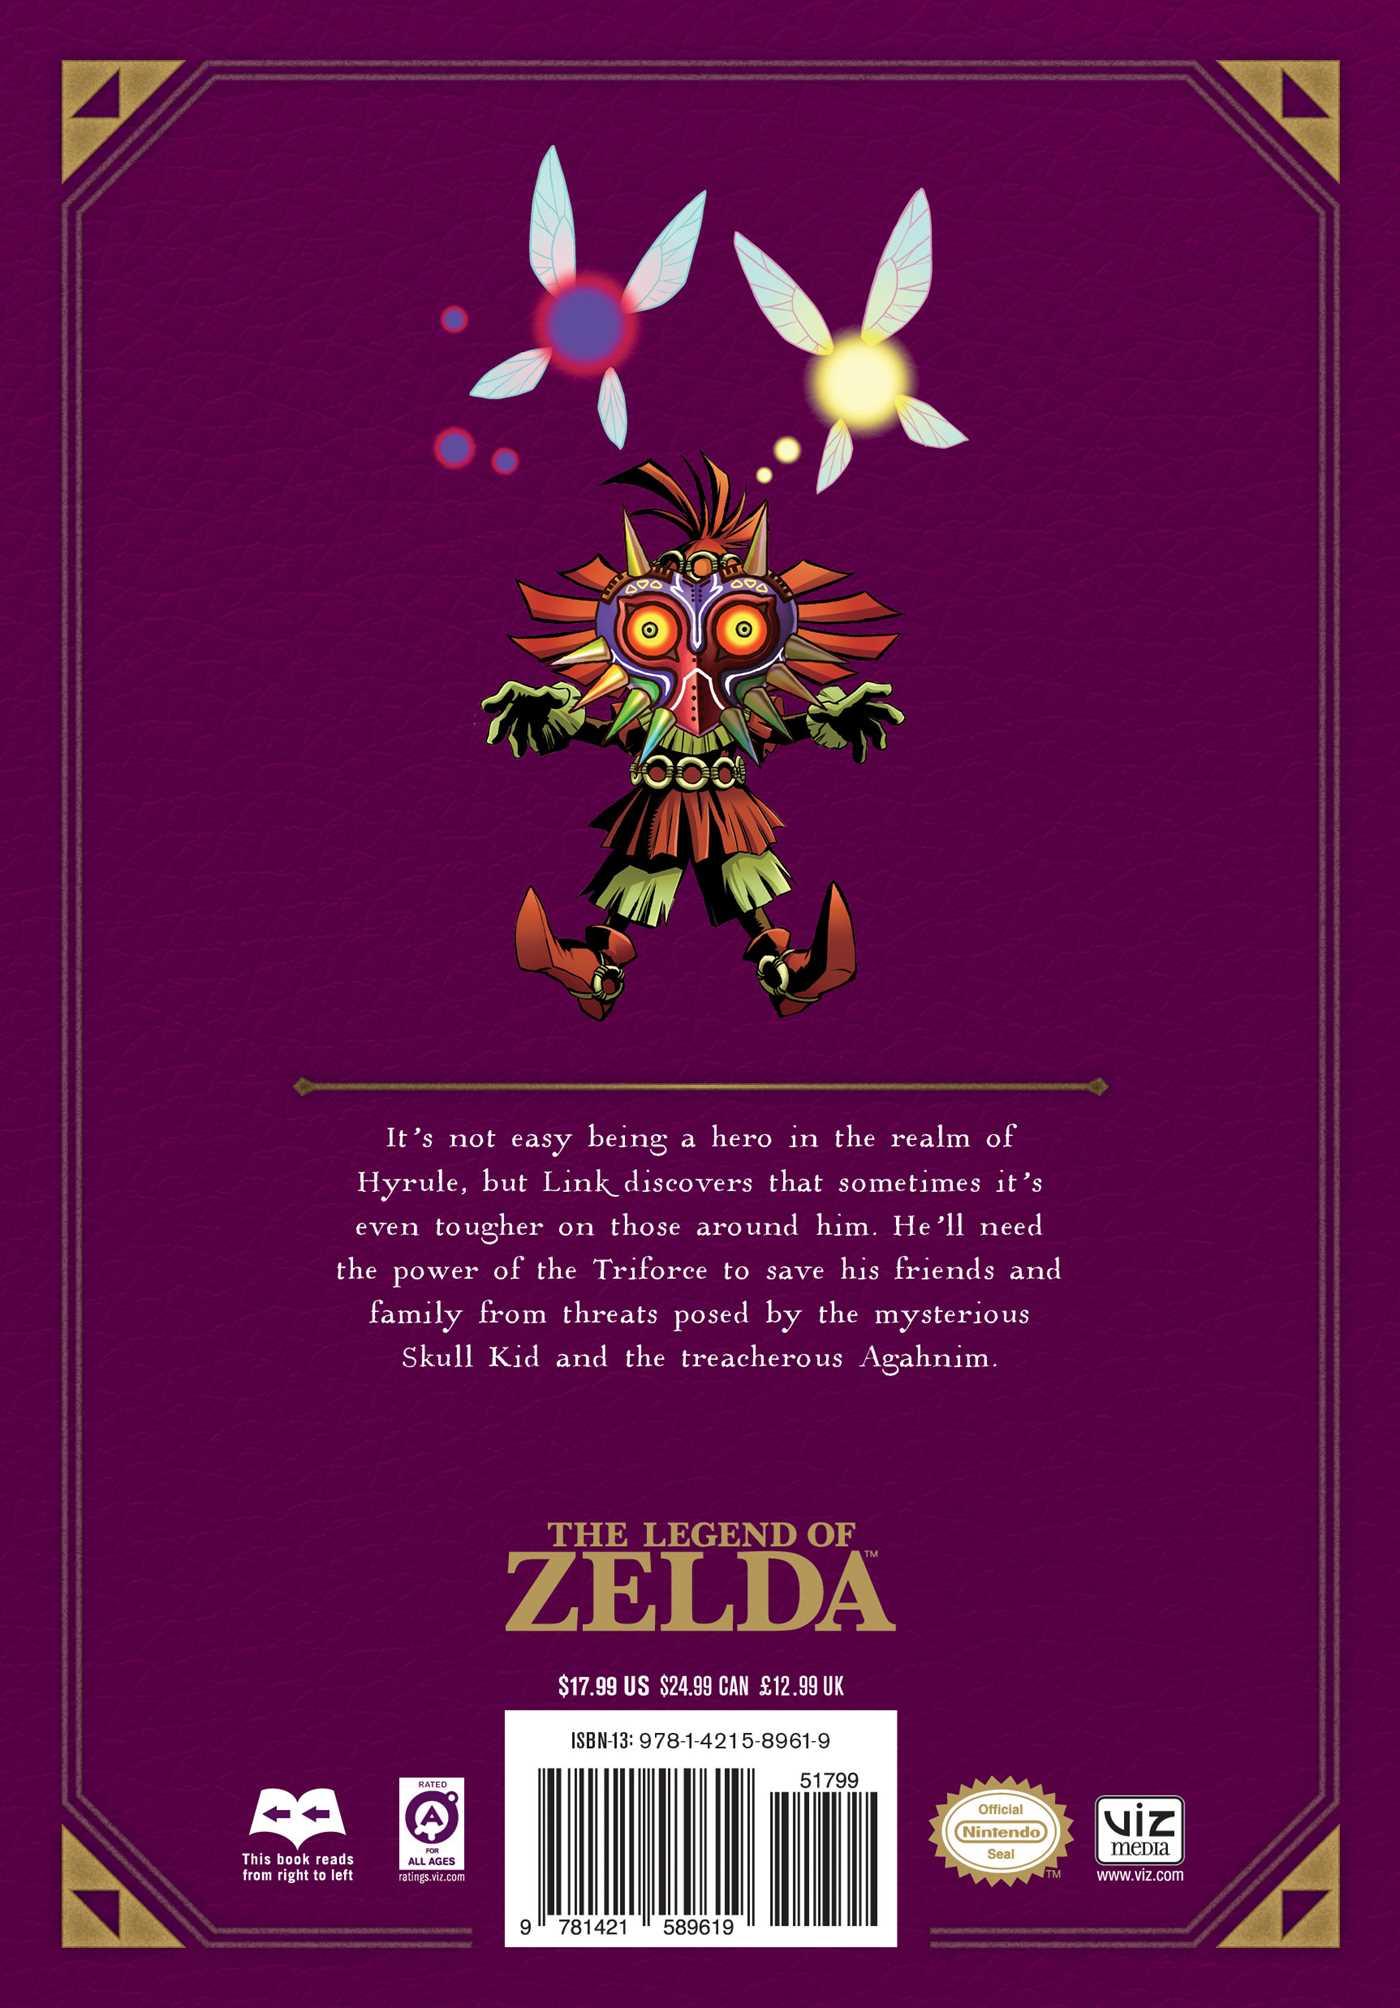 The legend of zelda legendary edition vol 3 9781421589619 hr back